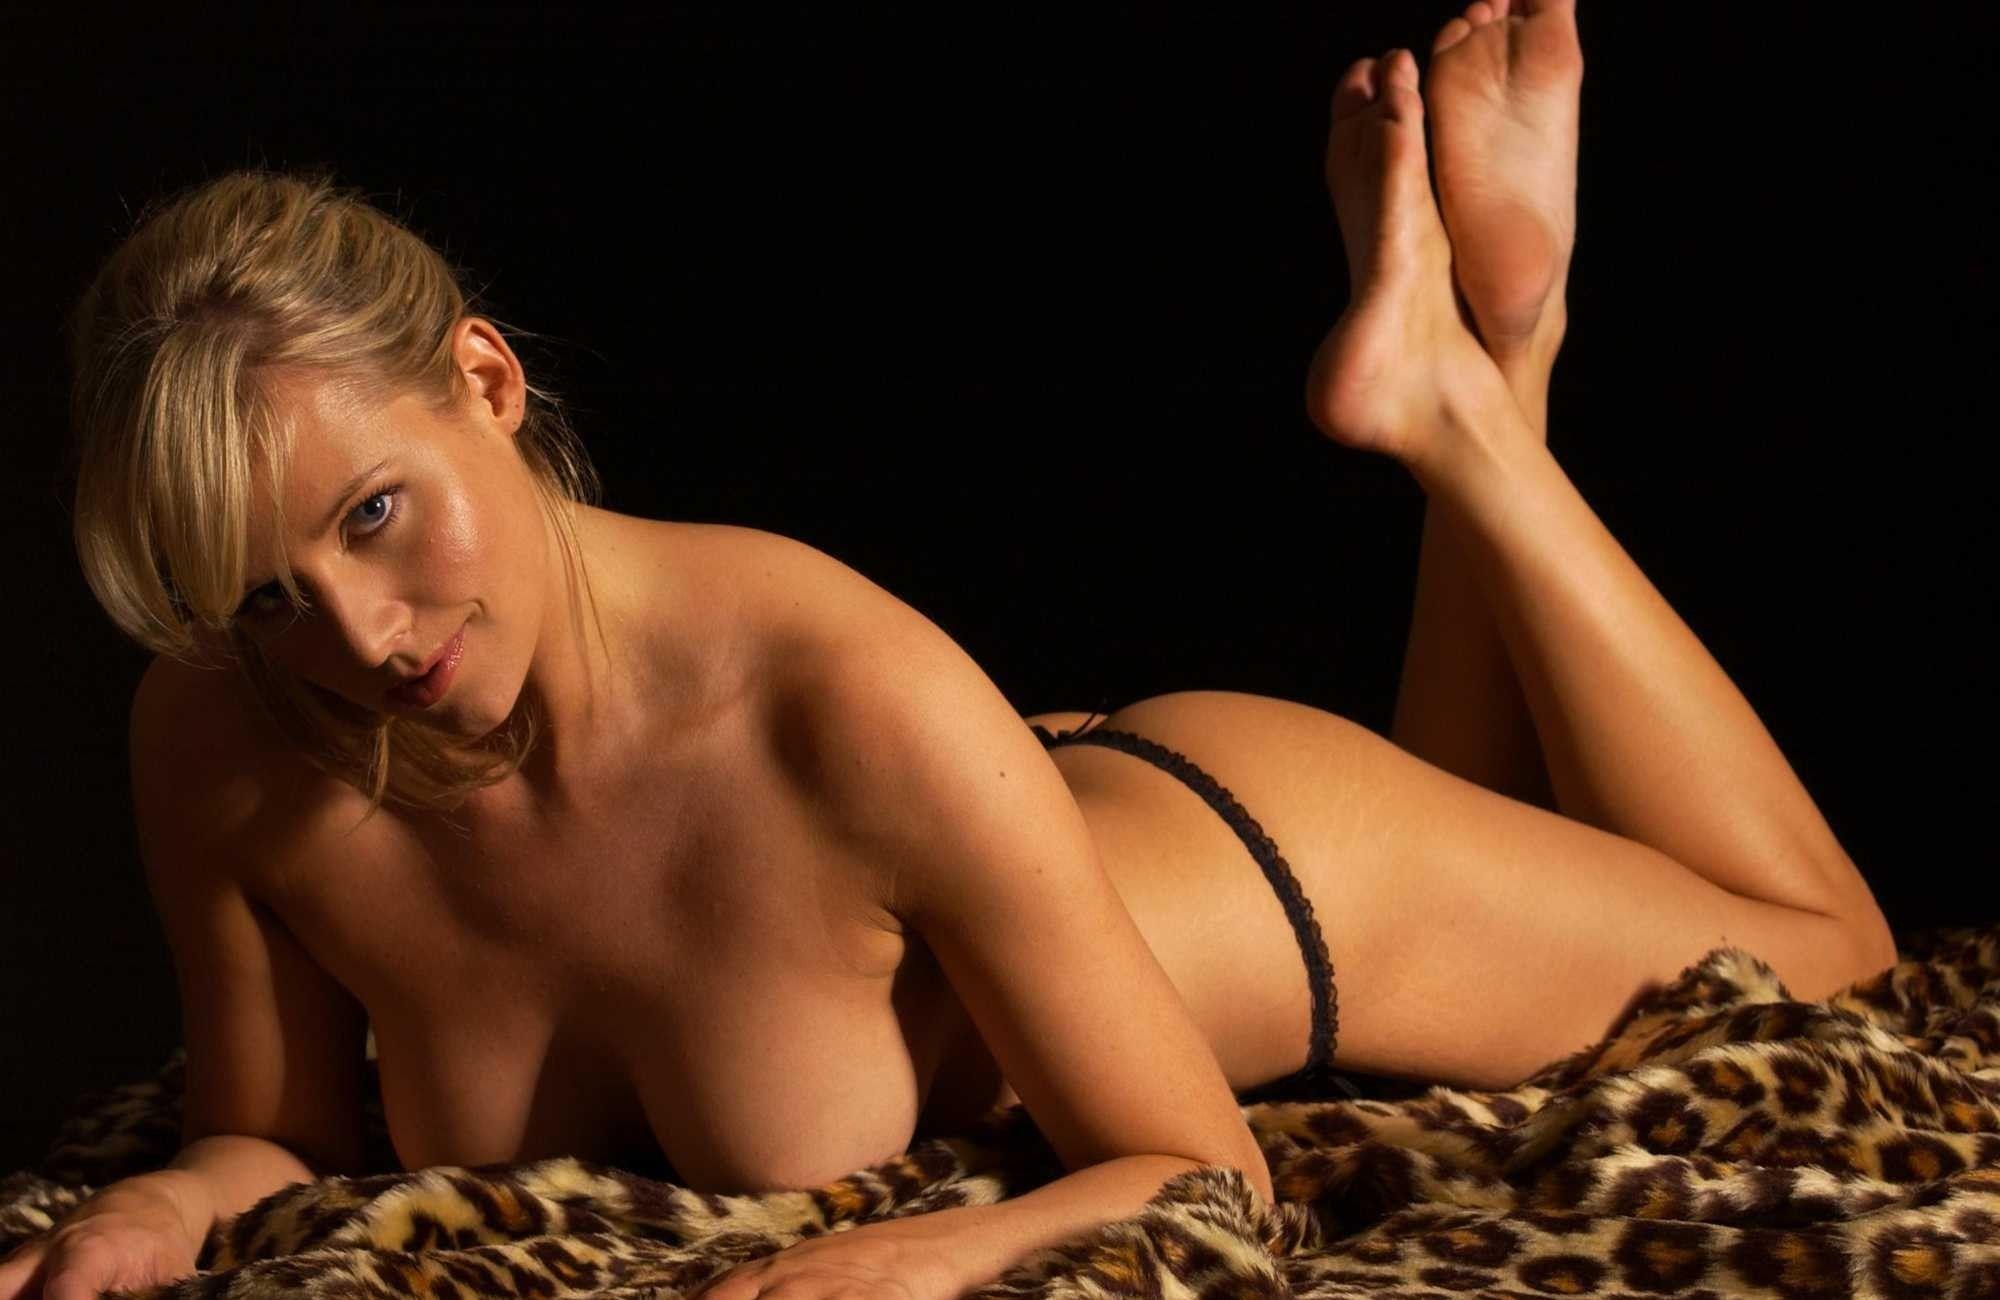 Эби титмусс порно 15 фотография